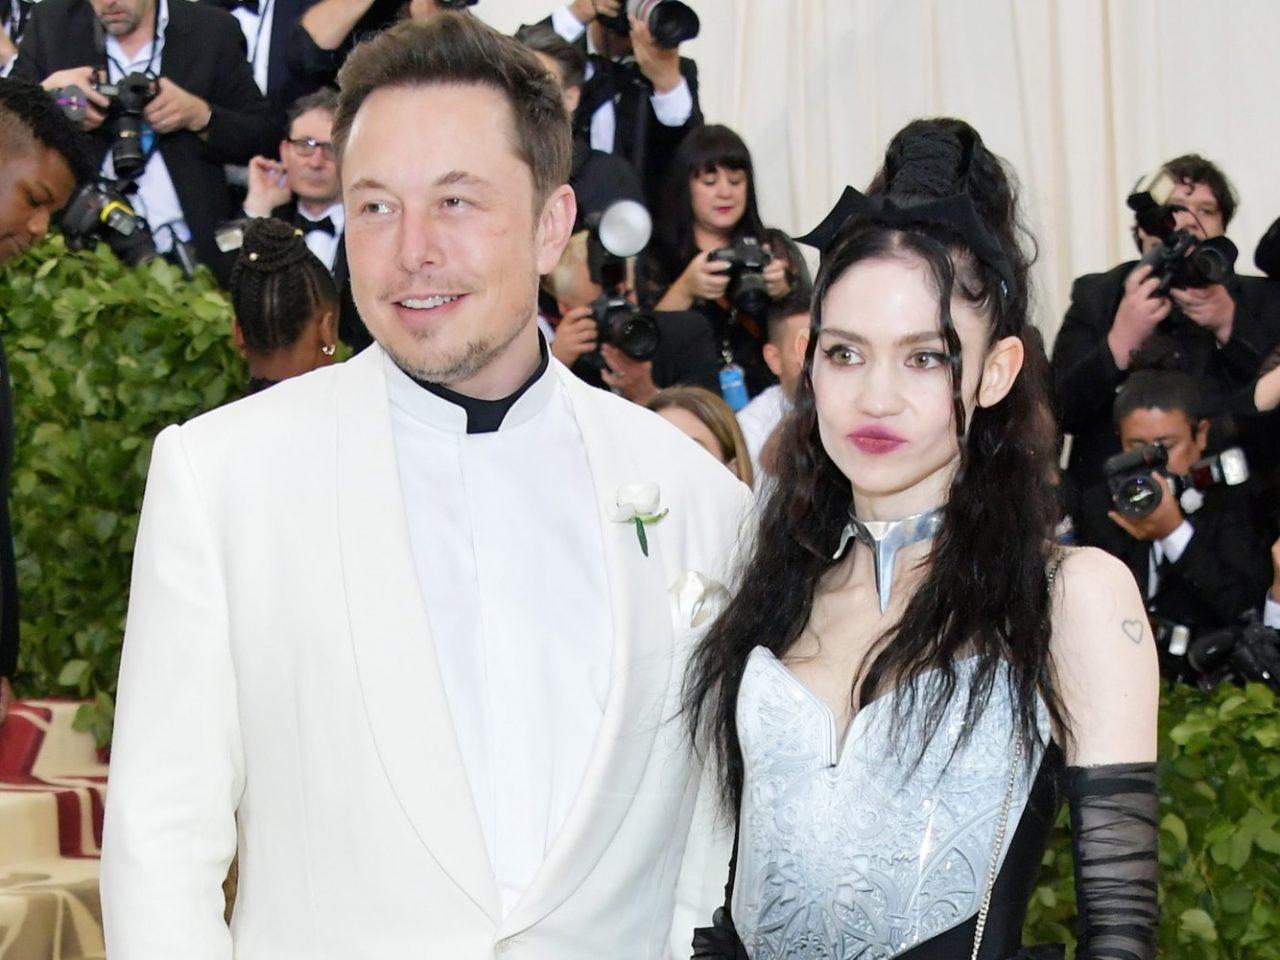 ¿Sabías que la novia de Elon Musk ha sustituido una capa de su ojo por un film de plástico que diseñó con una amiga en un laboratorio para eliminar la luz azul totalmente de su visión?